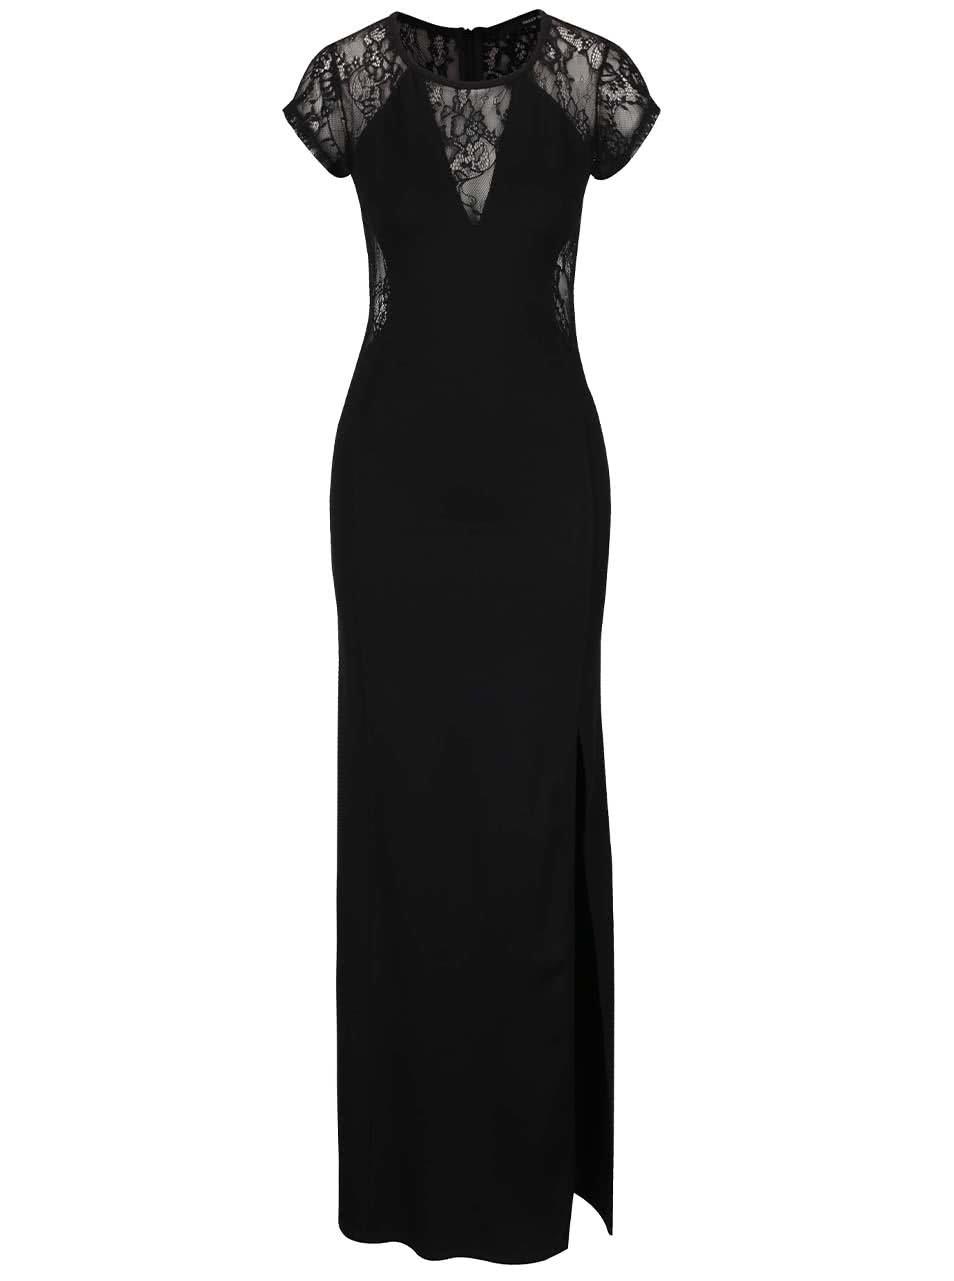 Čierne dlhé šaty s čipkovanými detailmi TALLY WEiJL ... 7aed3cbd3e9